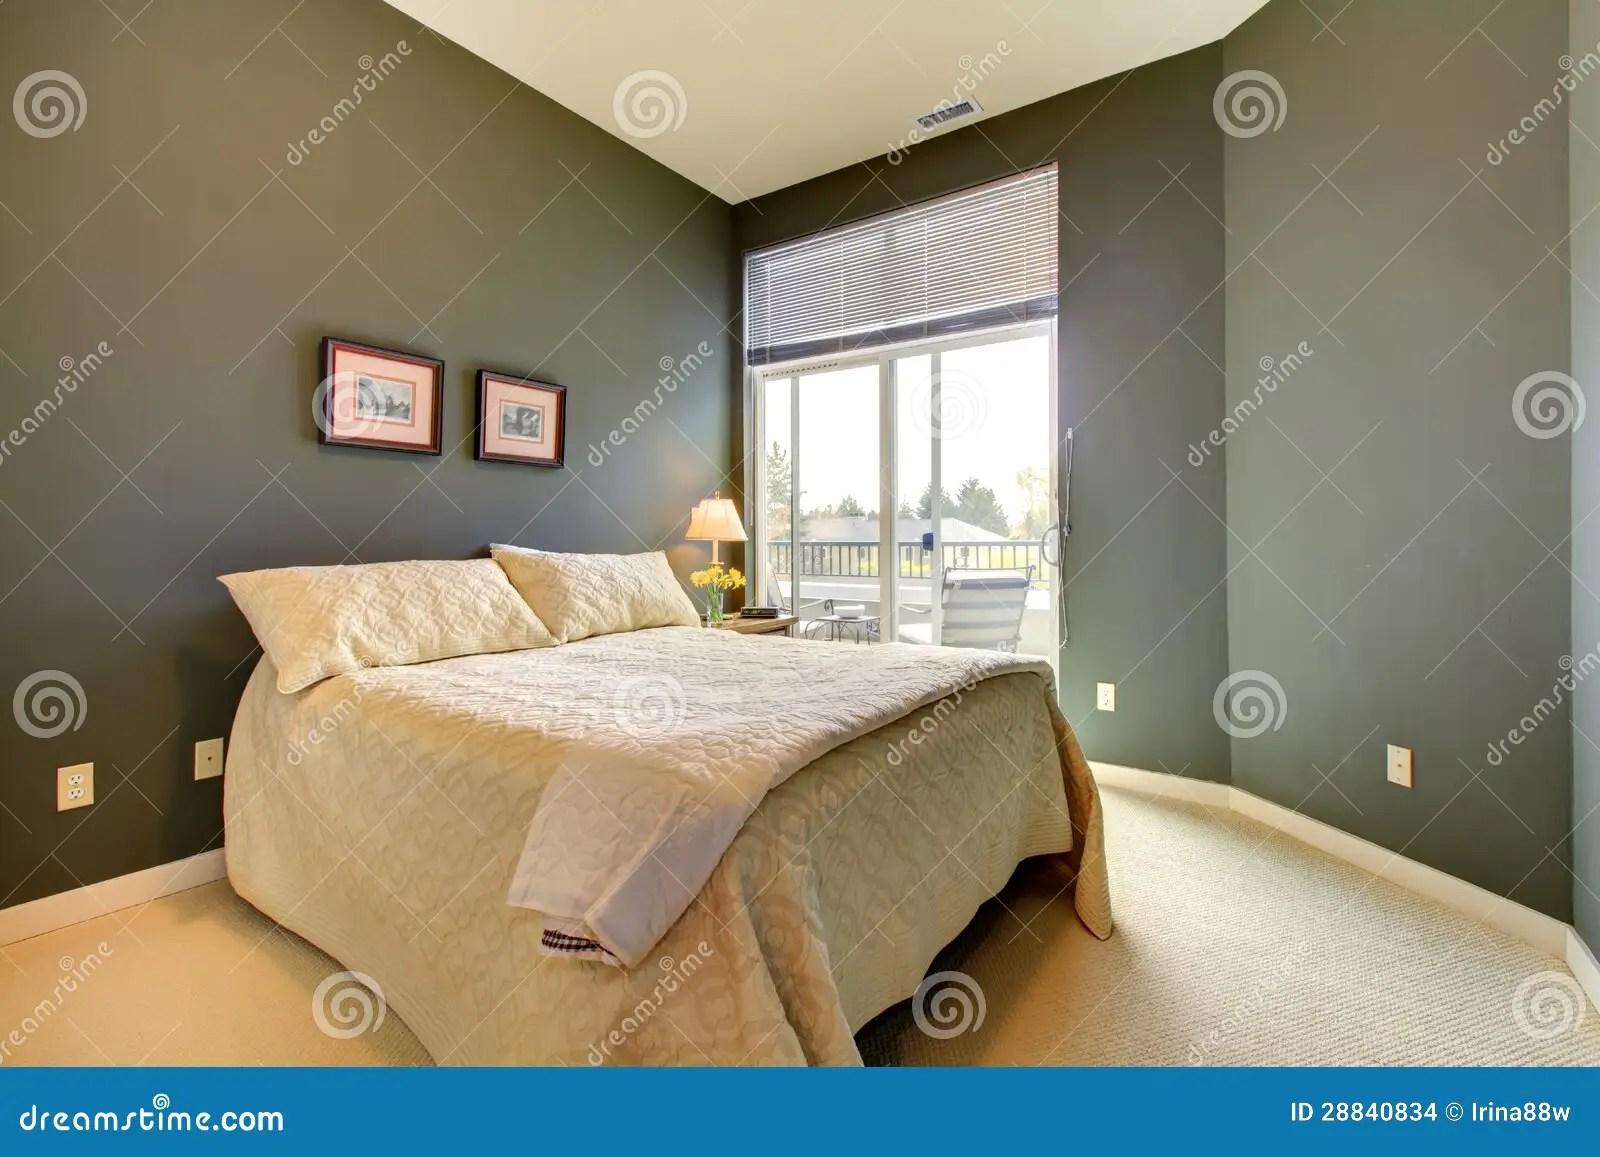 Stock Afbeeldingen Slaapkamer Met Grijze Groene Muren En Wit Beddegoed